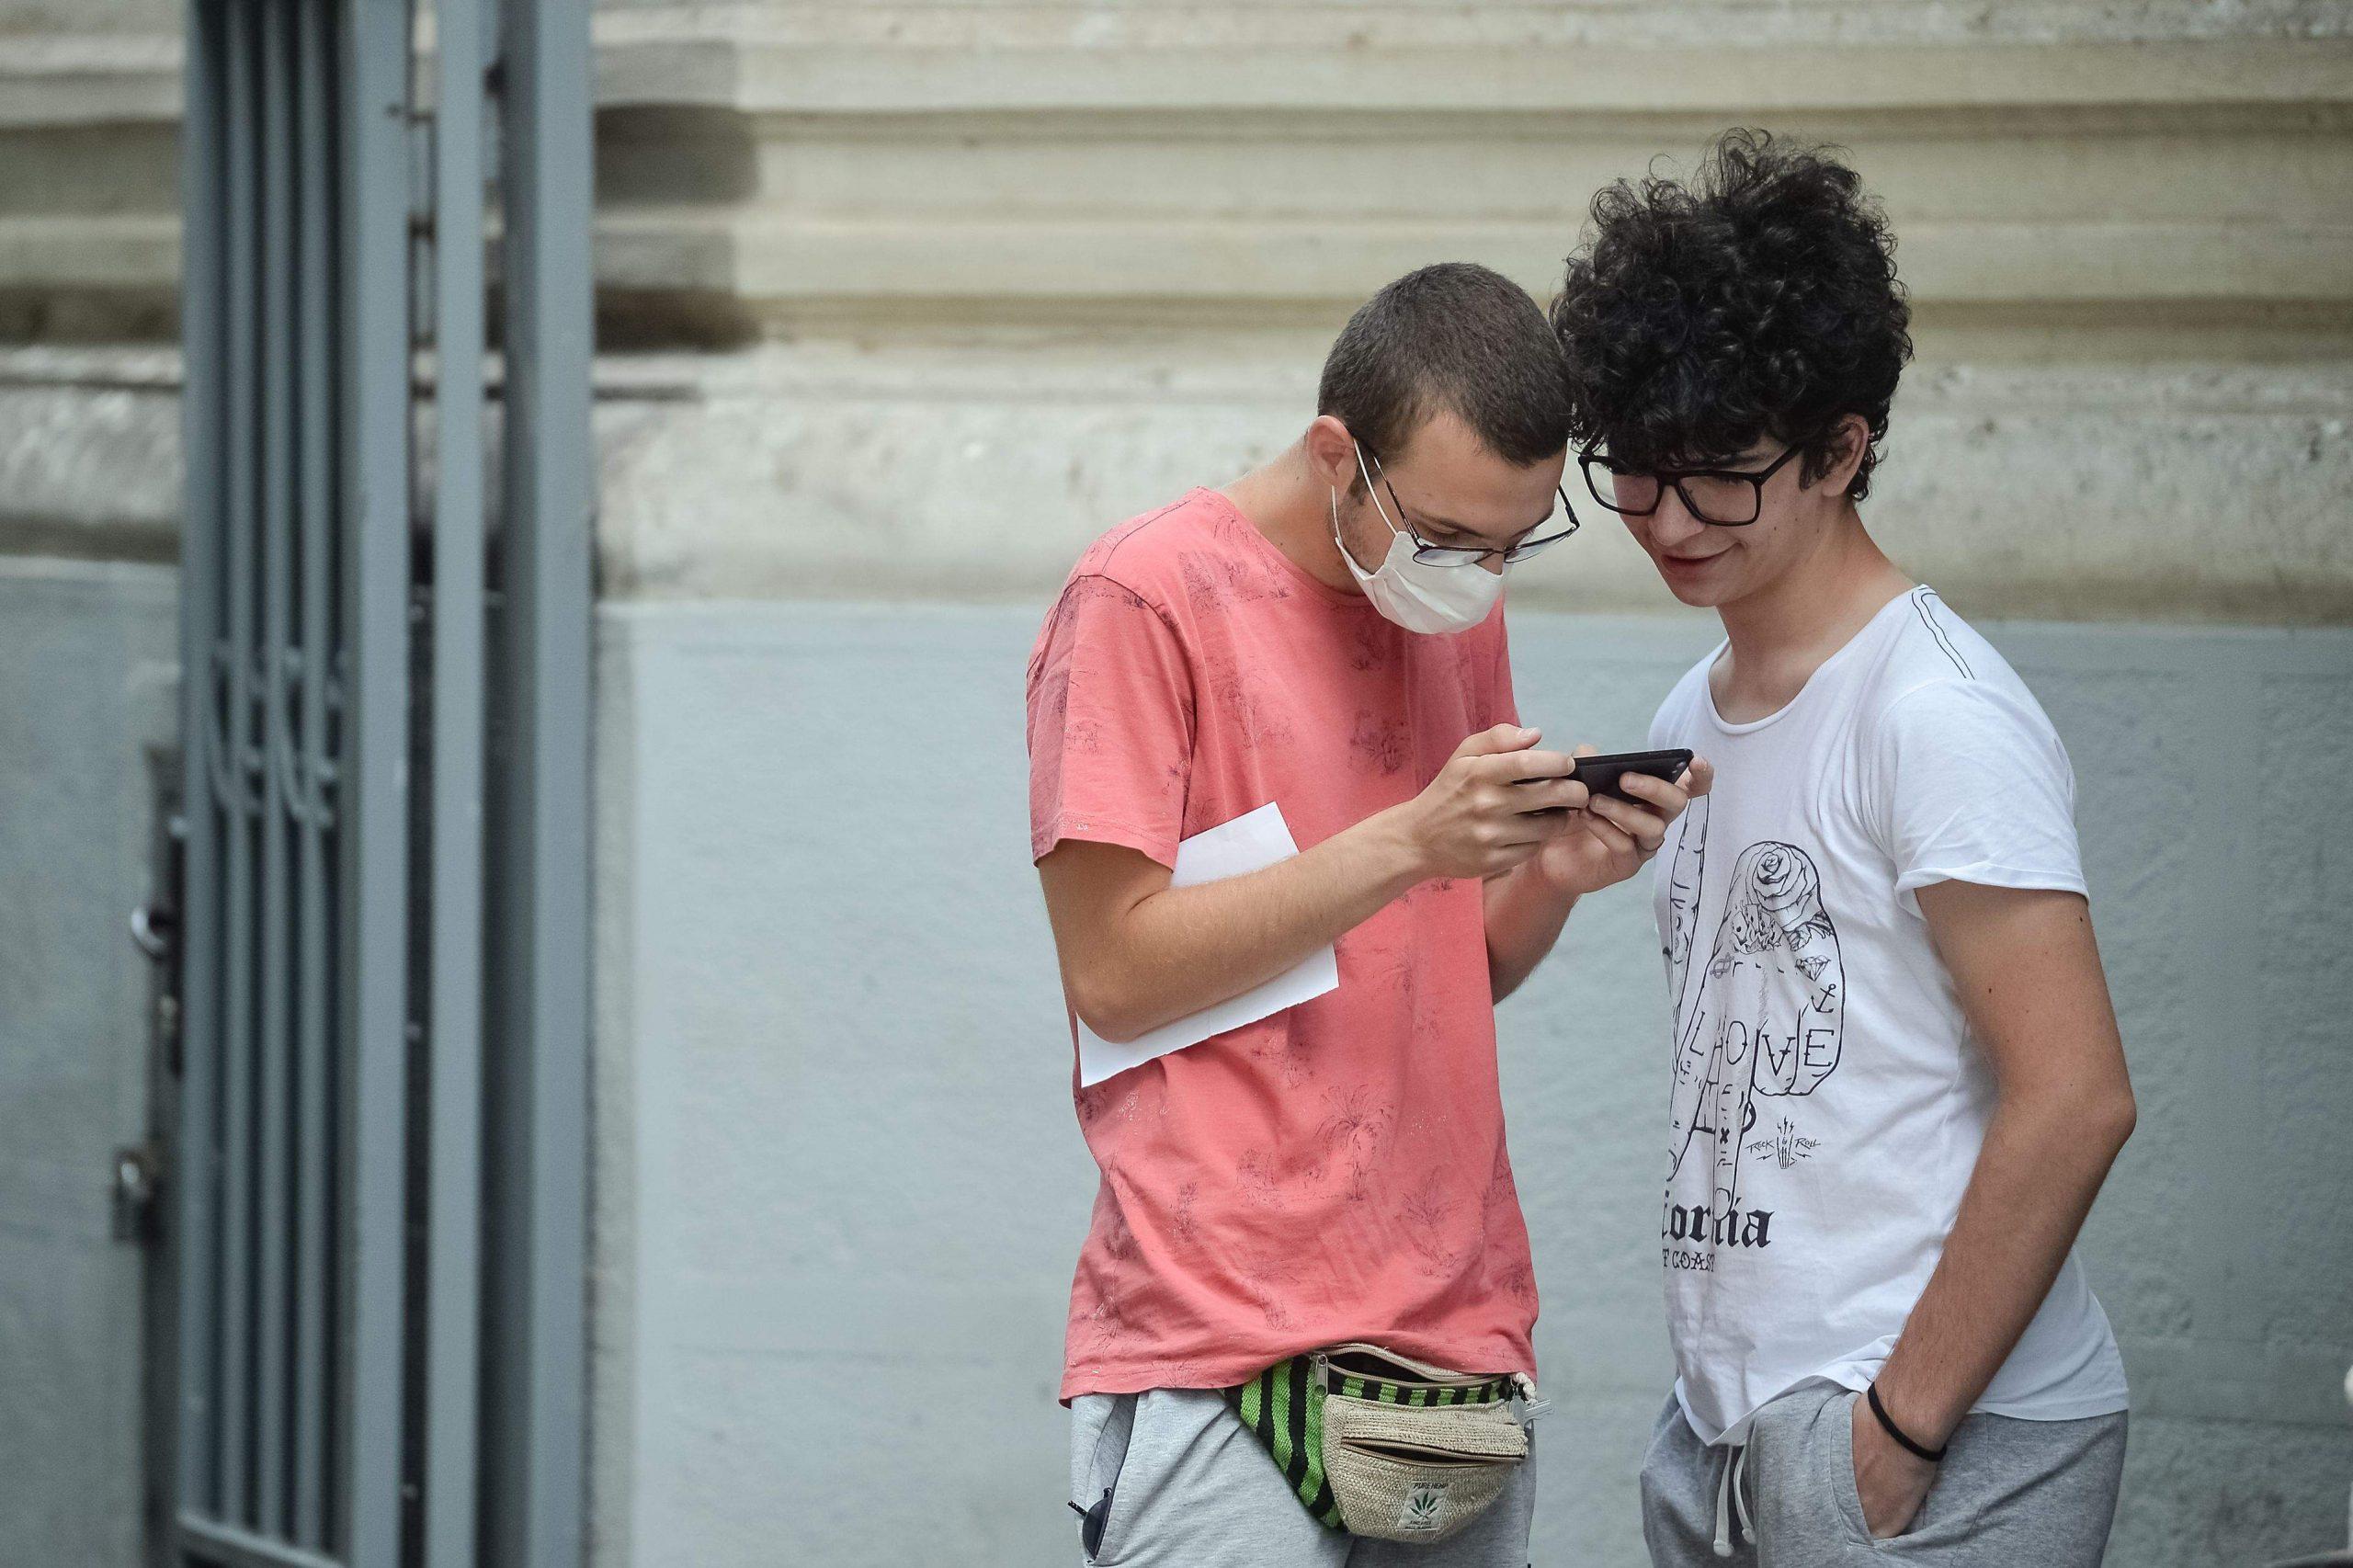 Doi elevi care verifică rezultatele de la examen pe telefonul mobil.